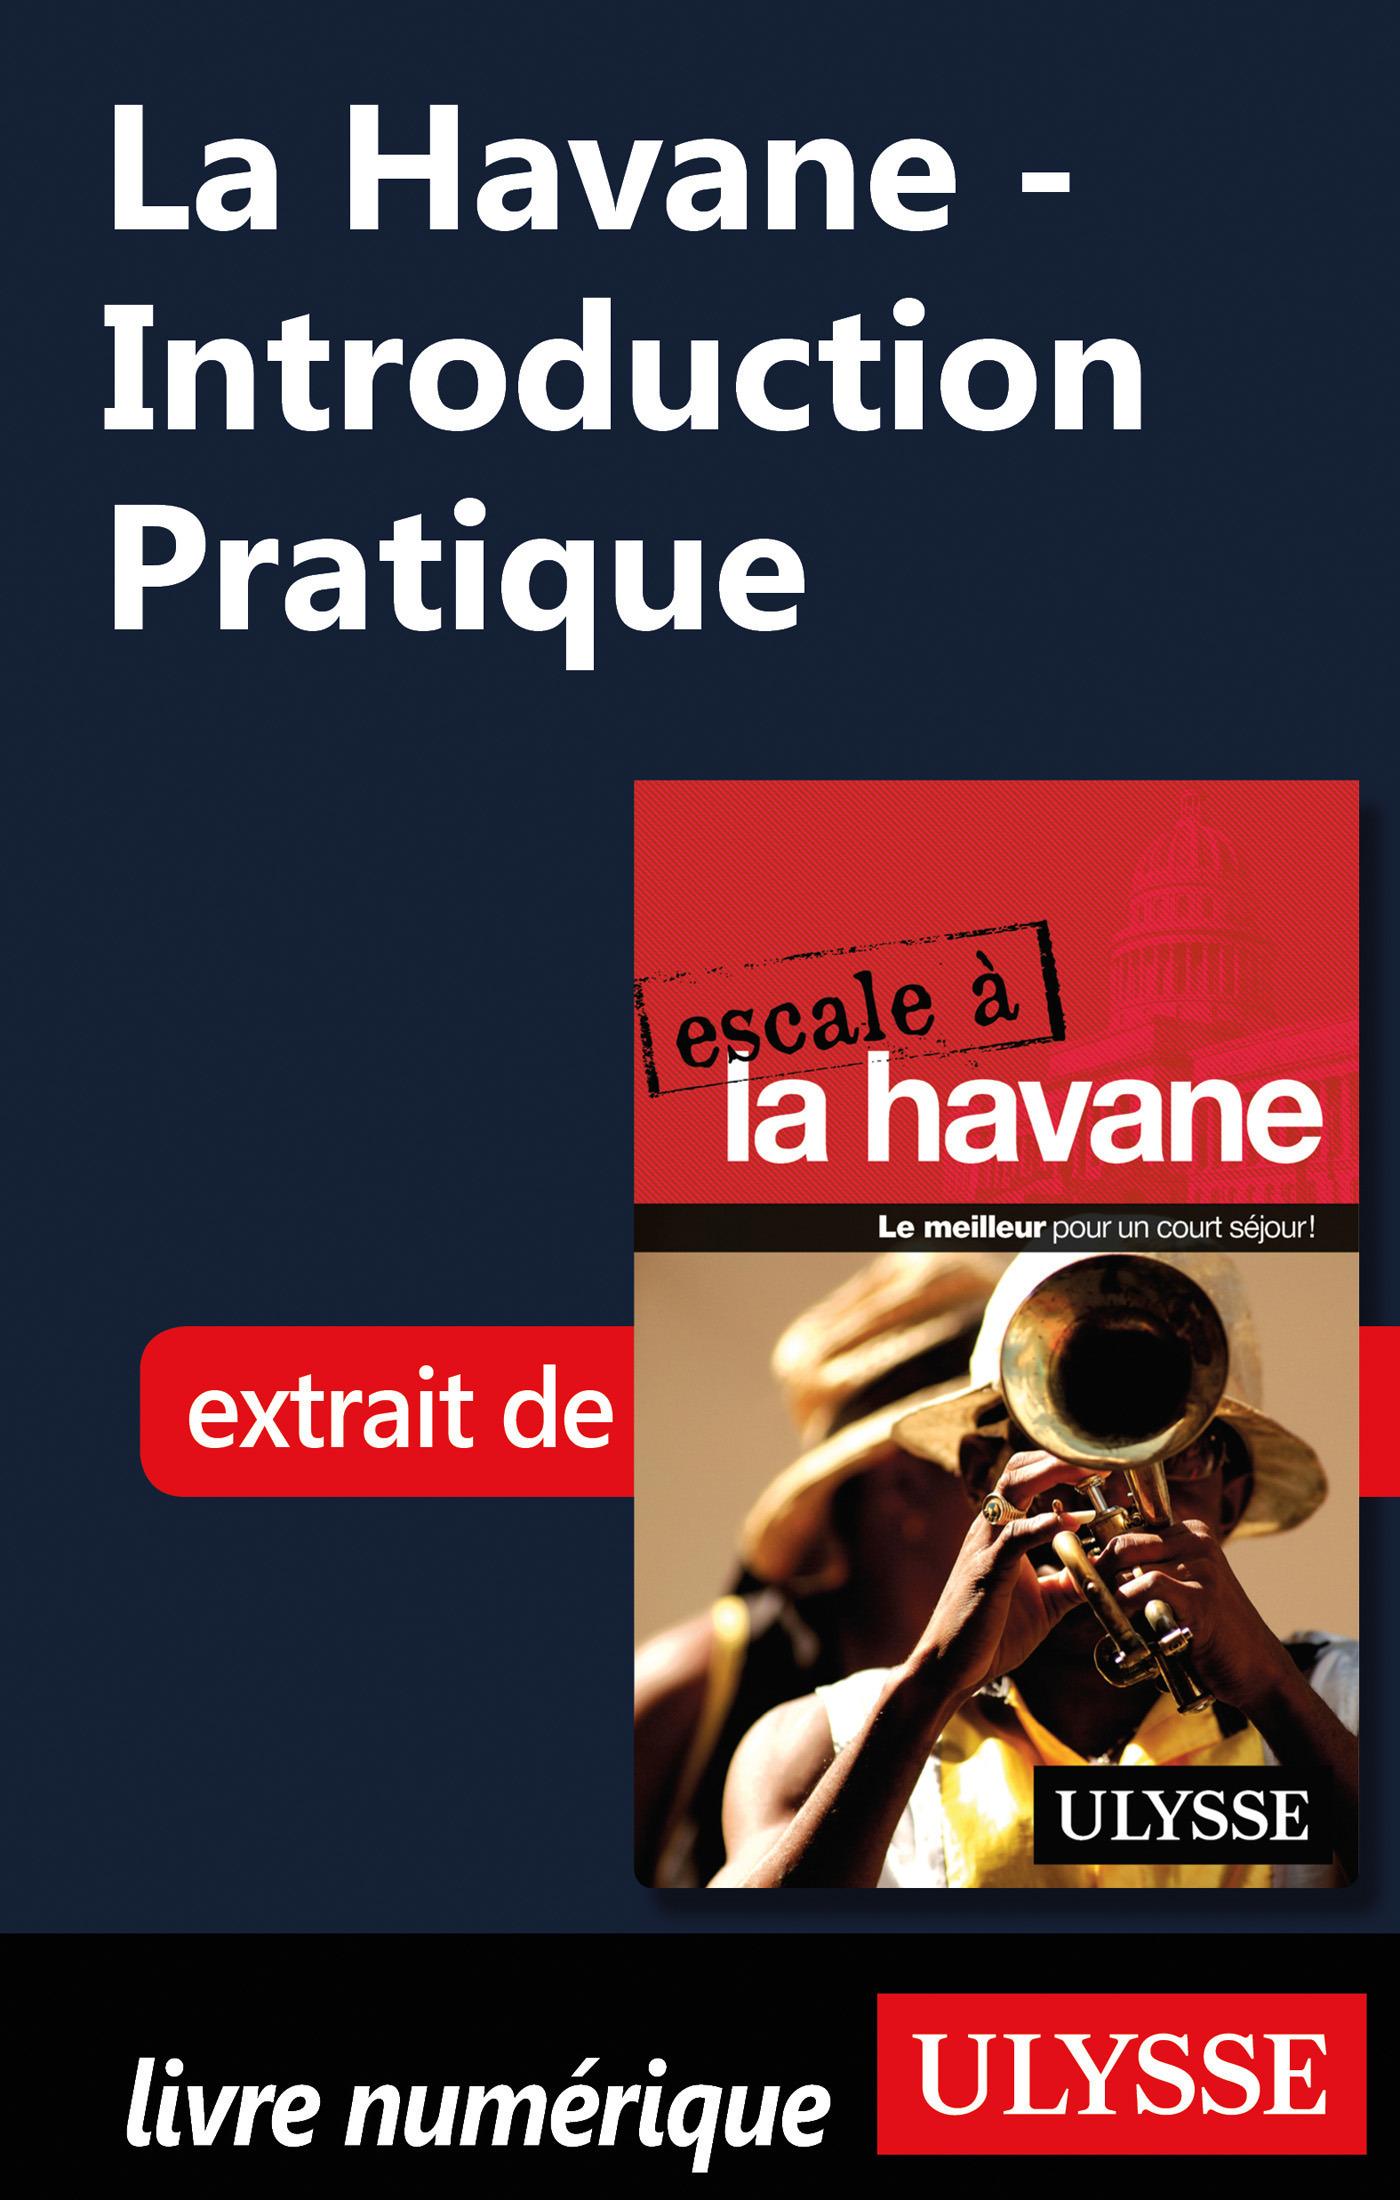 La Havane - Introduction Pratique